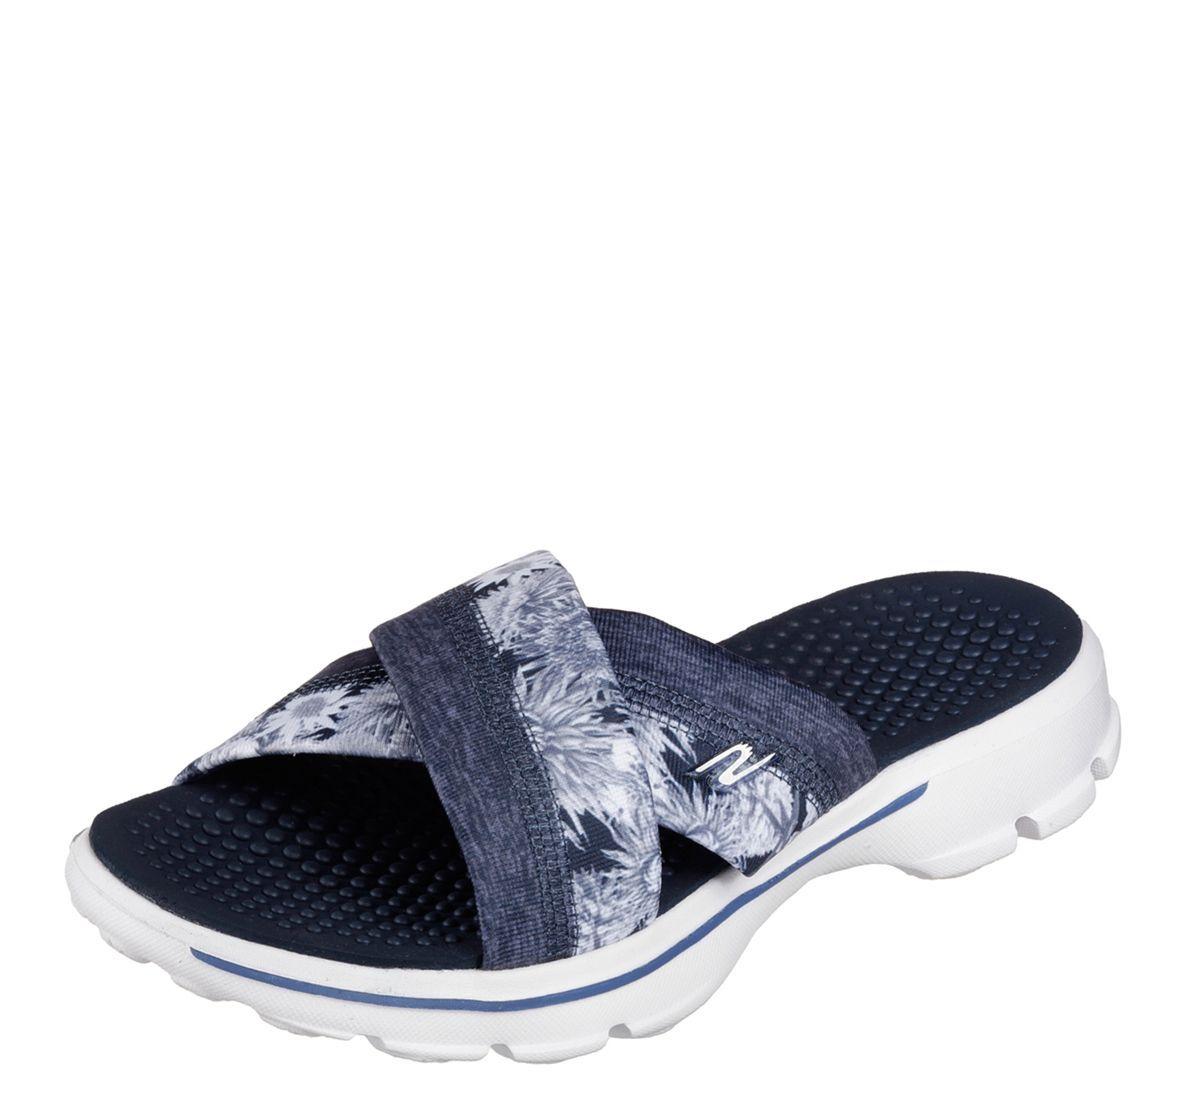 Floral Comfort Sandals Flip Flops